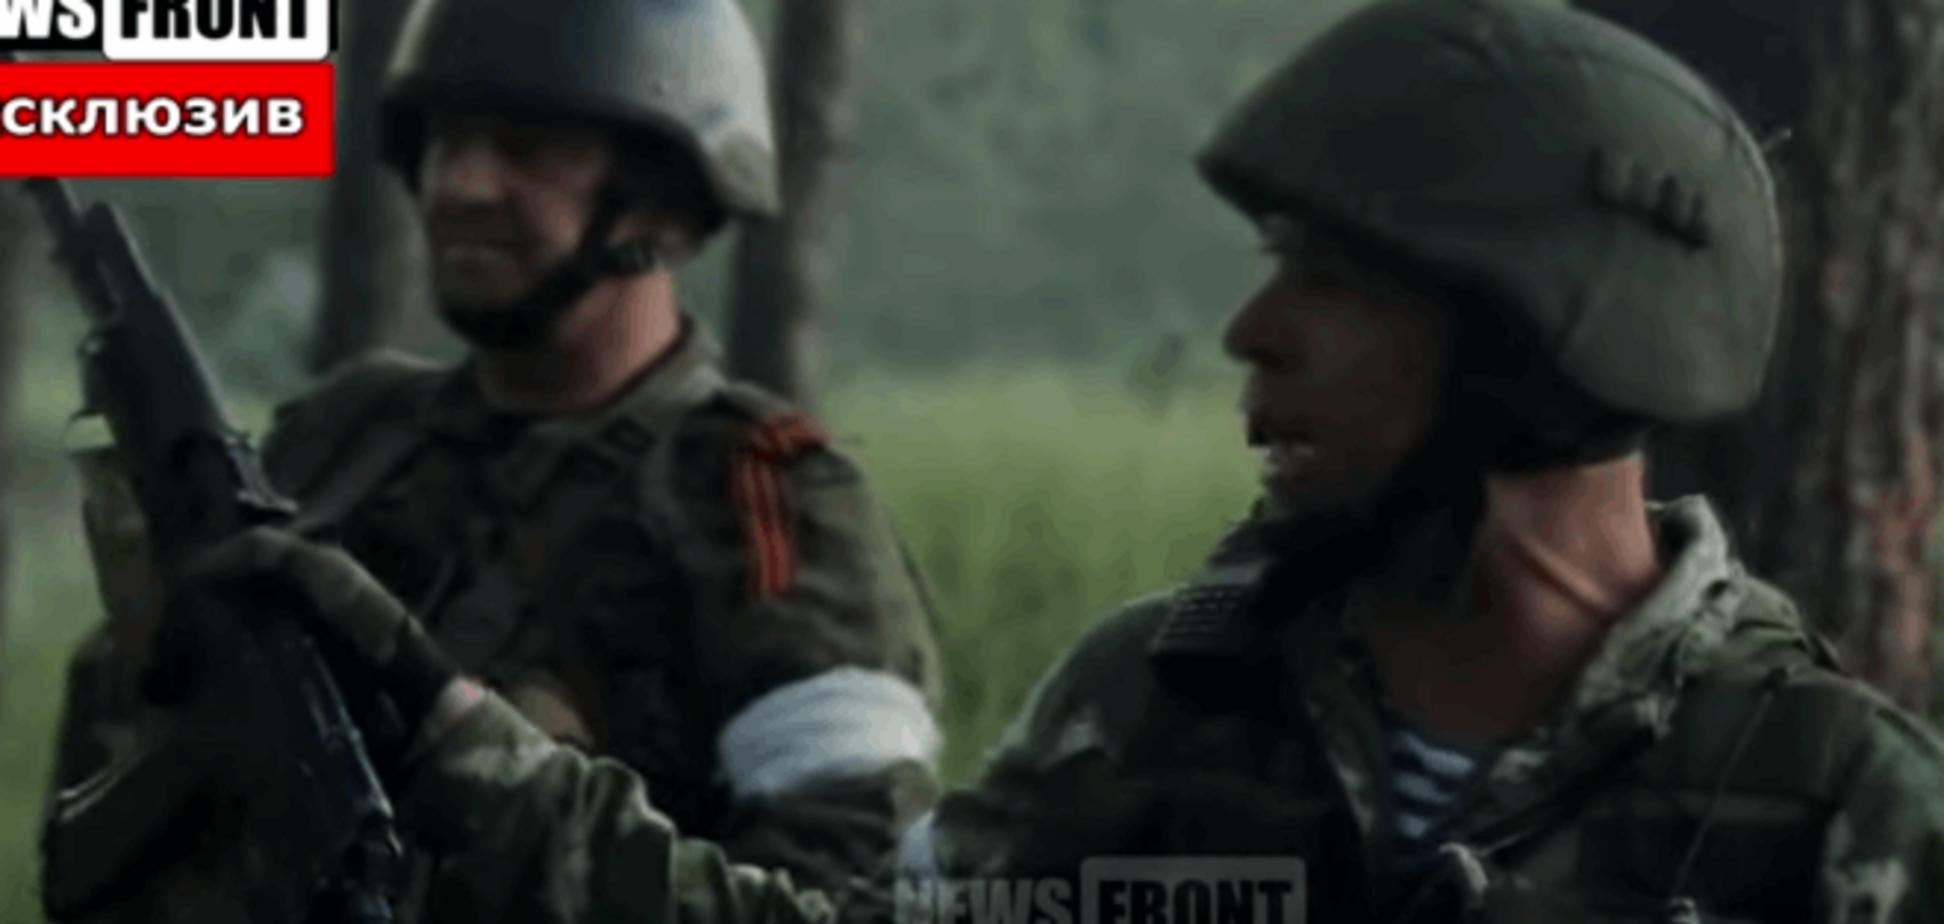 Марьинку атаковали 'восставшие шахтеры' с российским говором: видеофакт